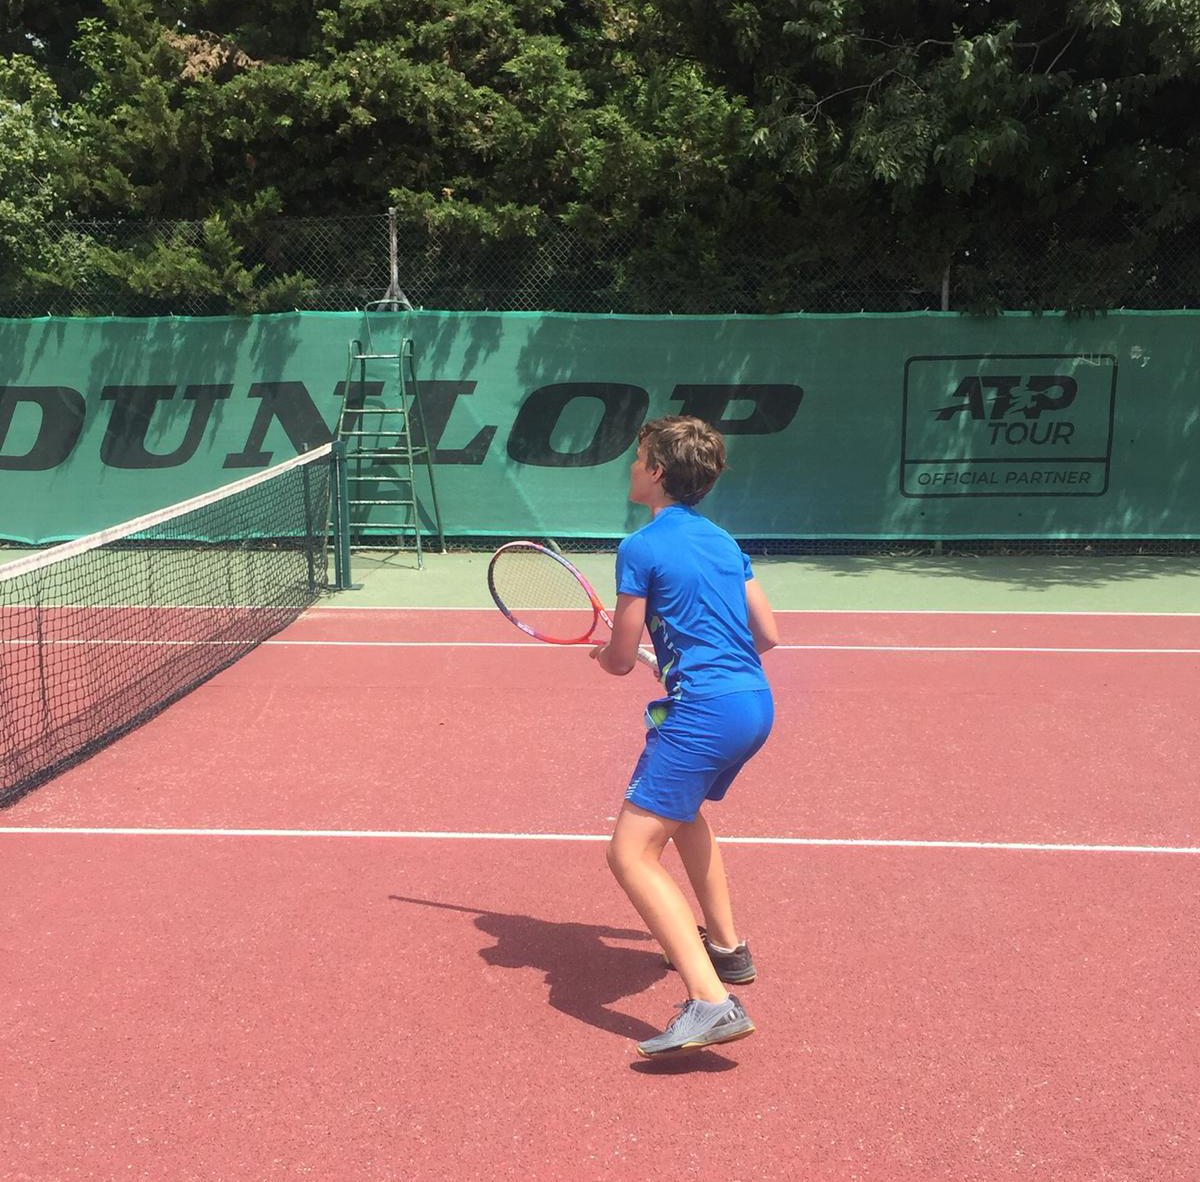 olivier launo - entraineur du tennis park